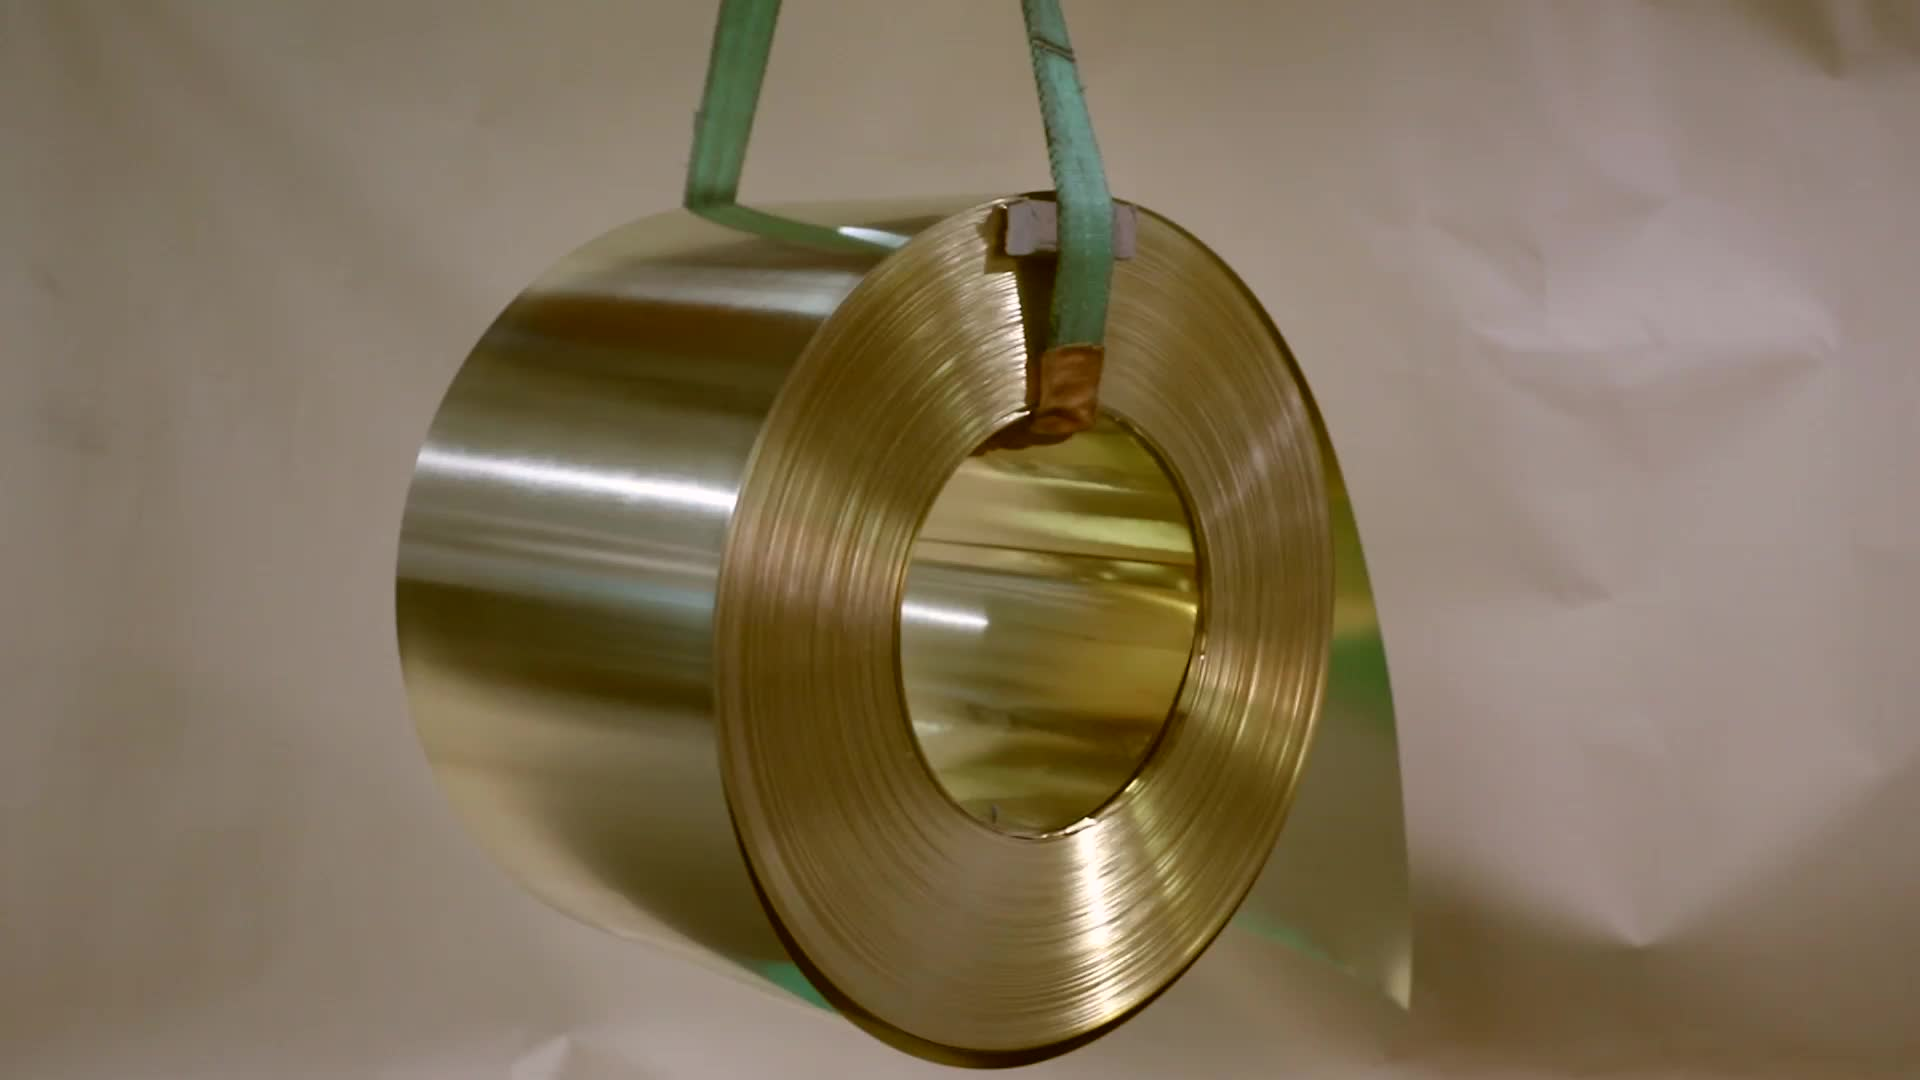 3mm-Largura de 1220 milímetros e 0.01 milímetros-20 milímetros Laminado Da Folha de Latão de Espessura Tira